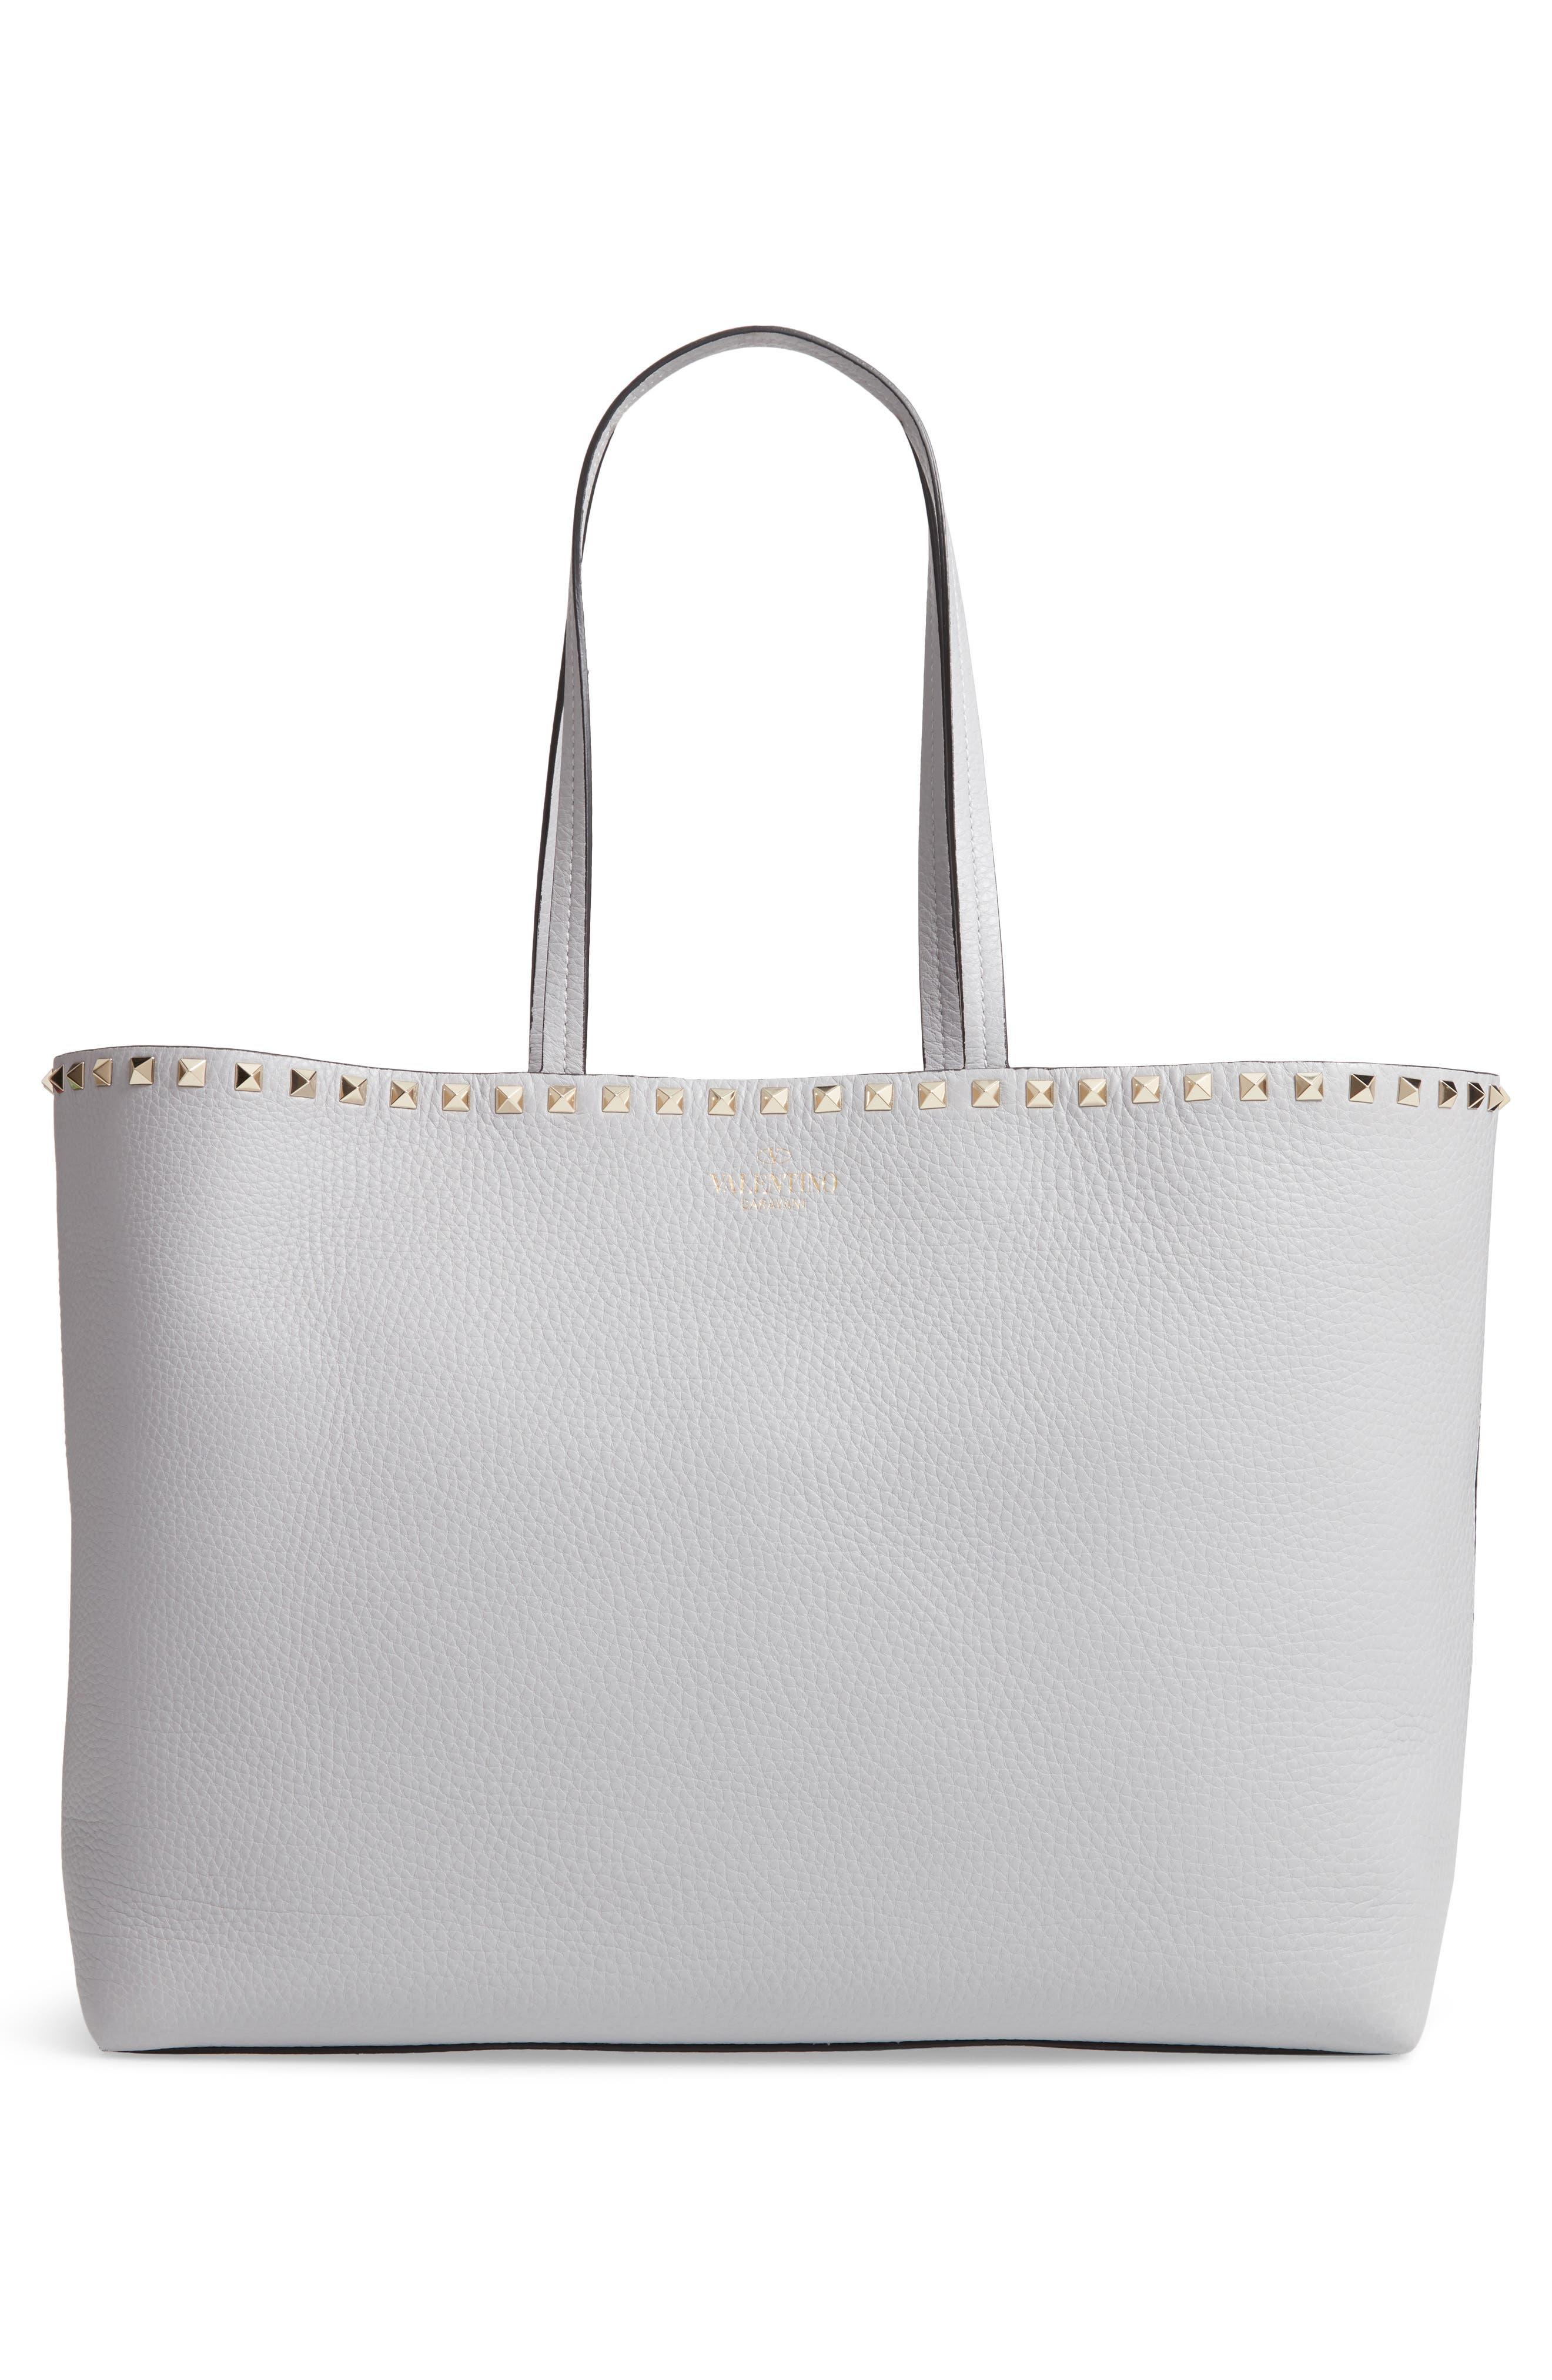 977af8317af VALENTINO GARAVANI Handbags & Purses | Nordstrom